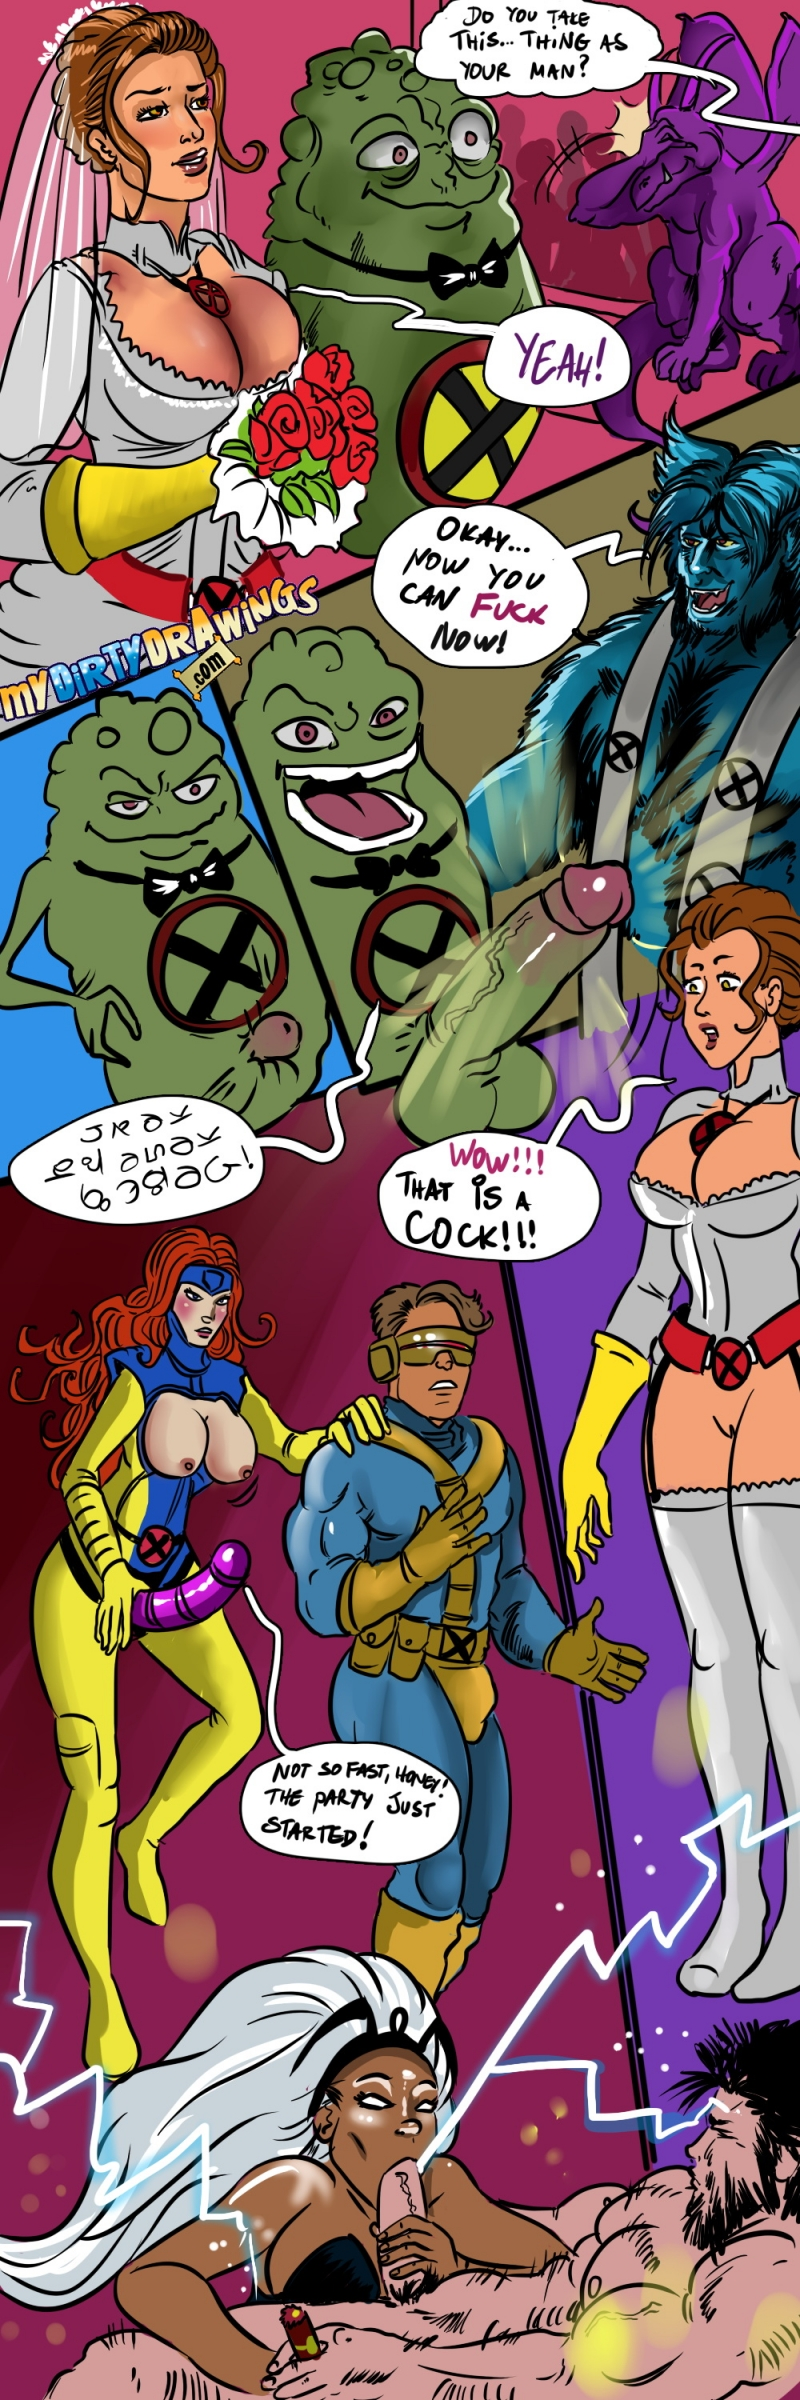 1446843 - Beast Cyclops Doop Jean_Grey Lockheed Marvel Storm Wolverine X-Men.jpg